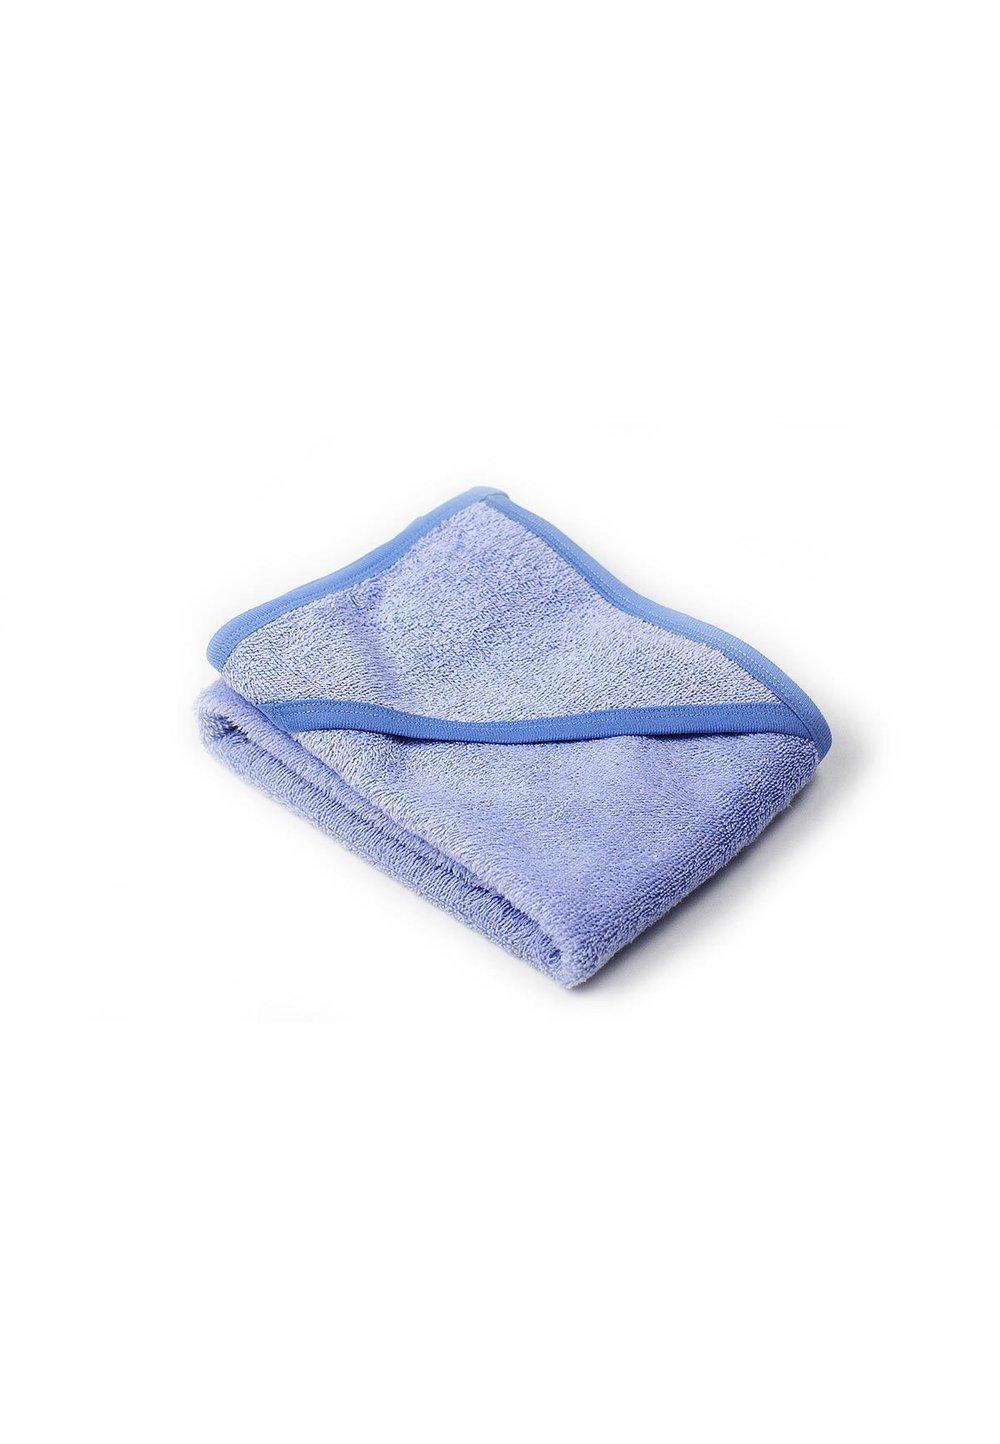 Prosop baie cu gluga, bumbac, albastru, 75x75cm imagine